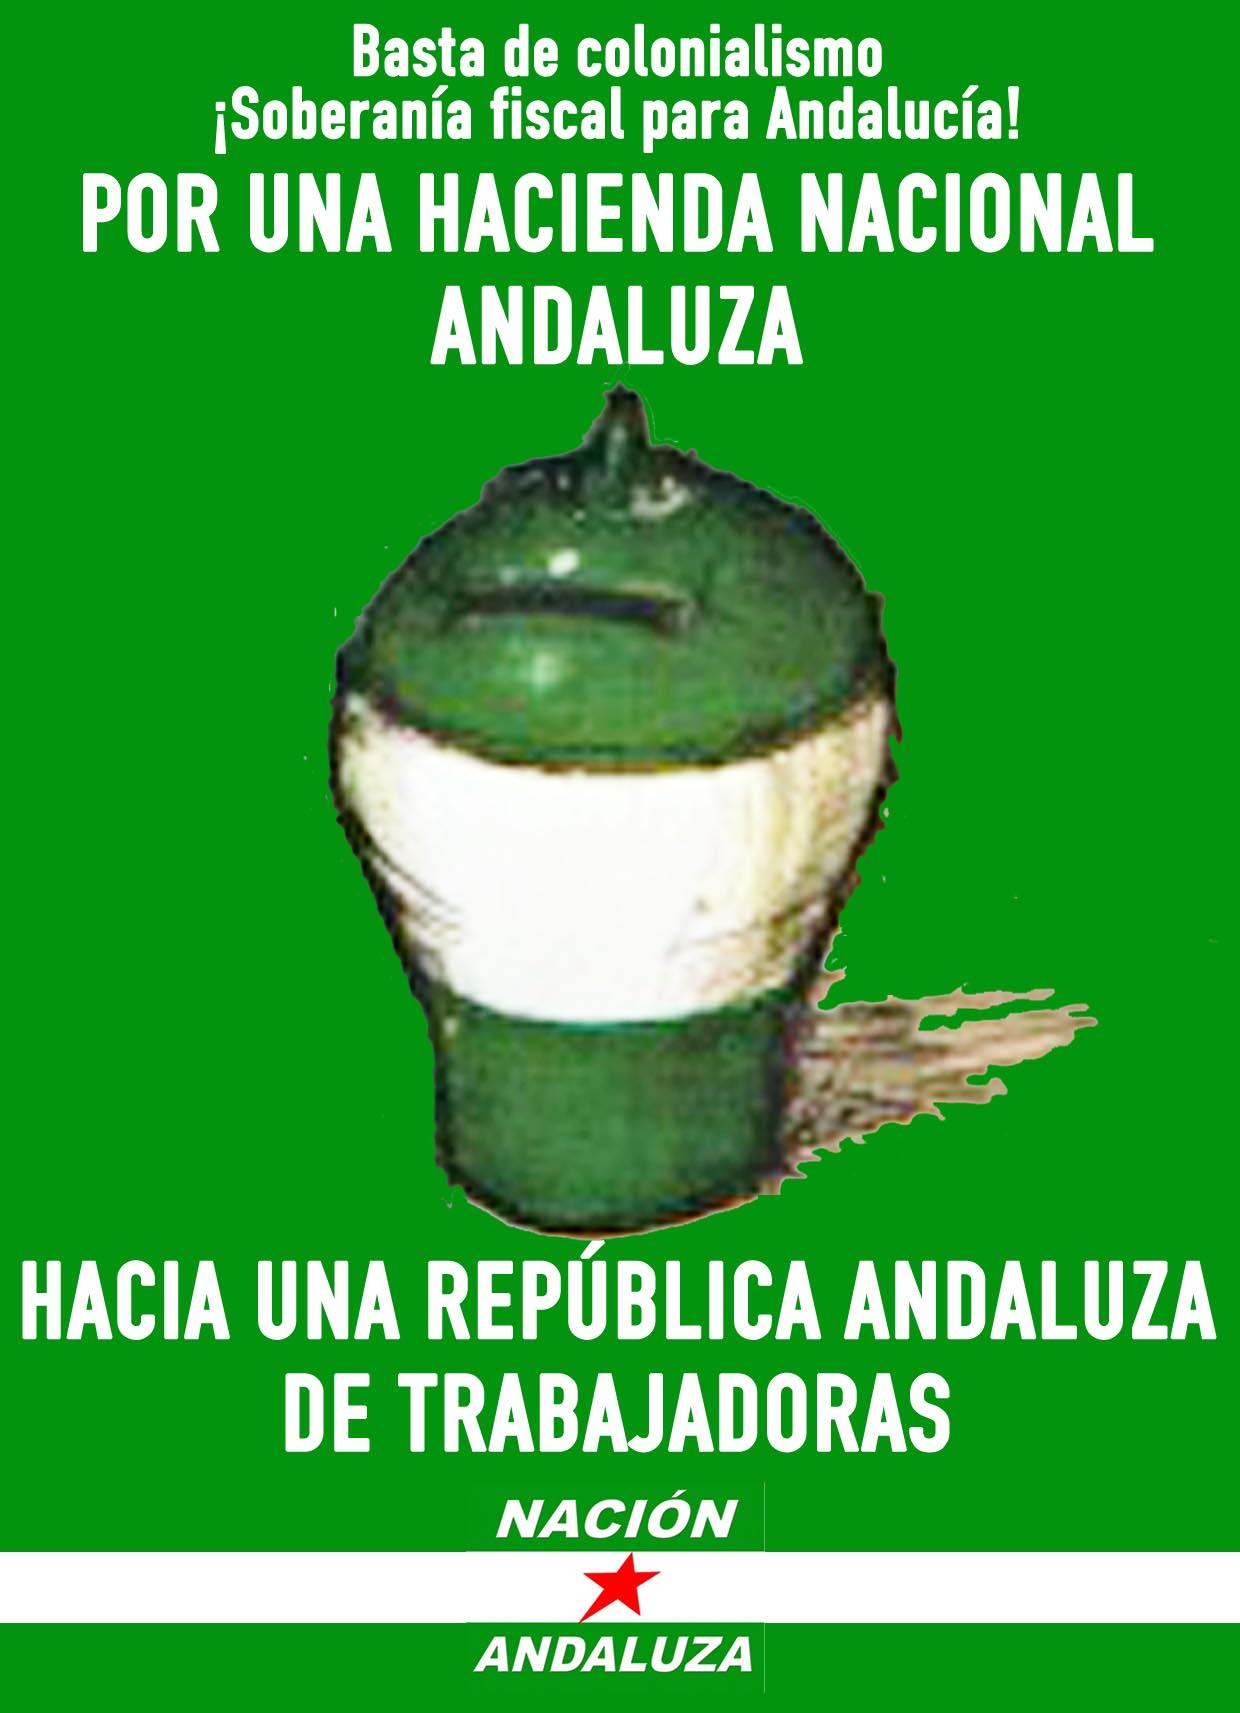 Nación Andaluza ante los Presupuestos Generales 2017: la solución es la República Andaluza